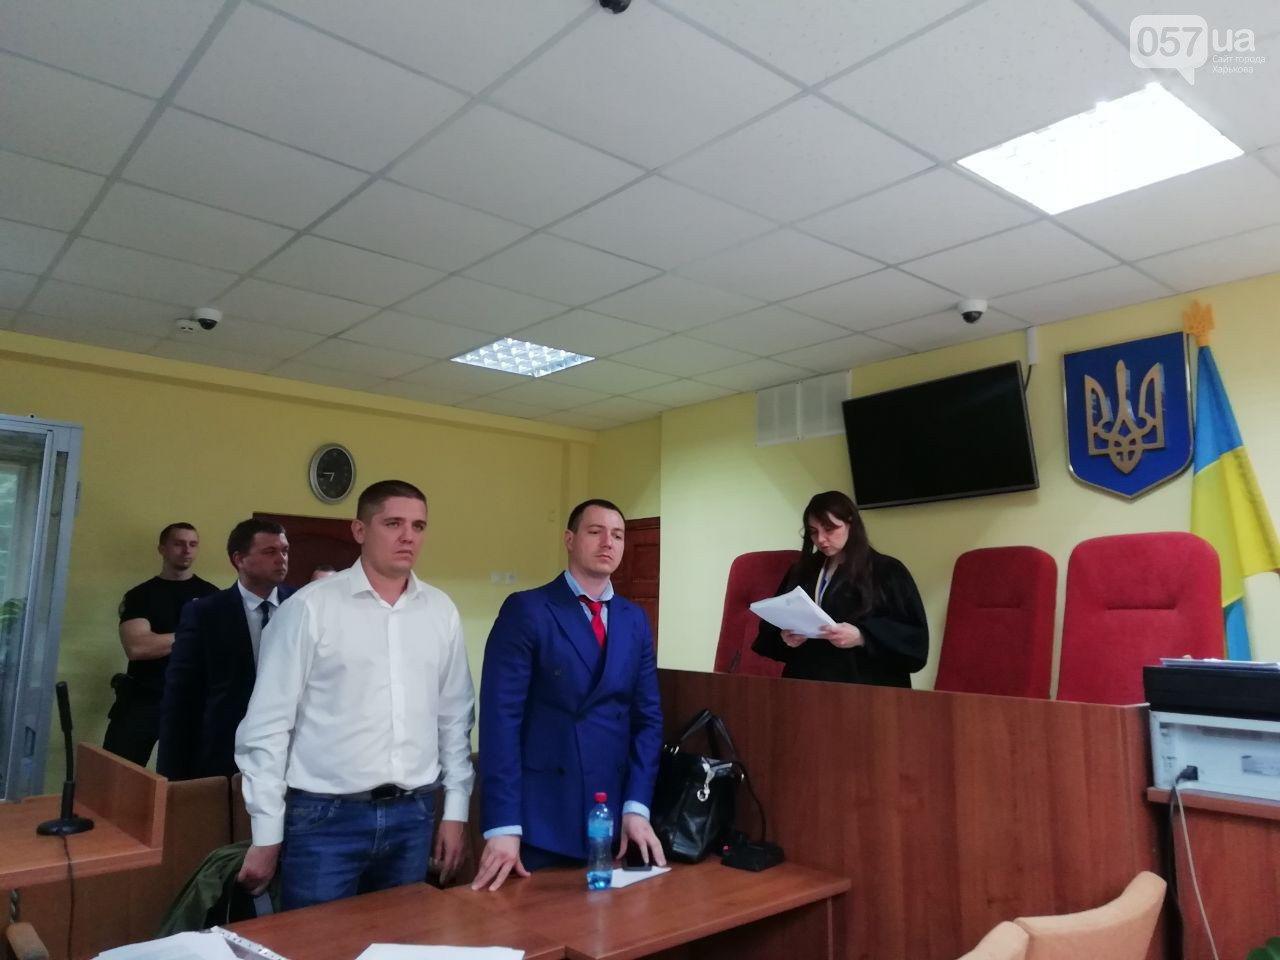 Патрули Нацгвардии и стрельба в Харькове. Самые важные события за прошедшую неделю, - ФОТО, фото-6